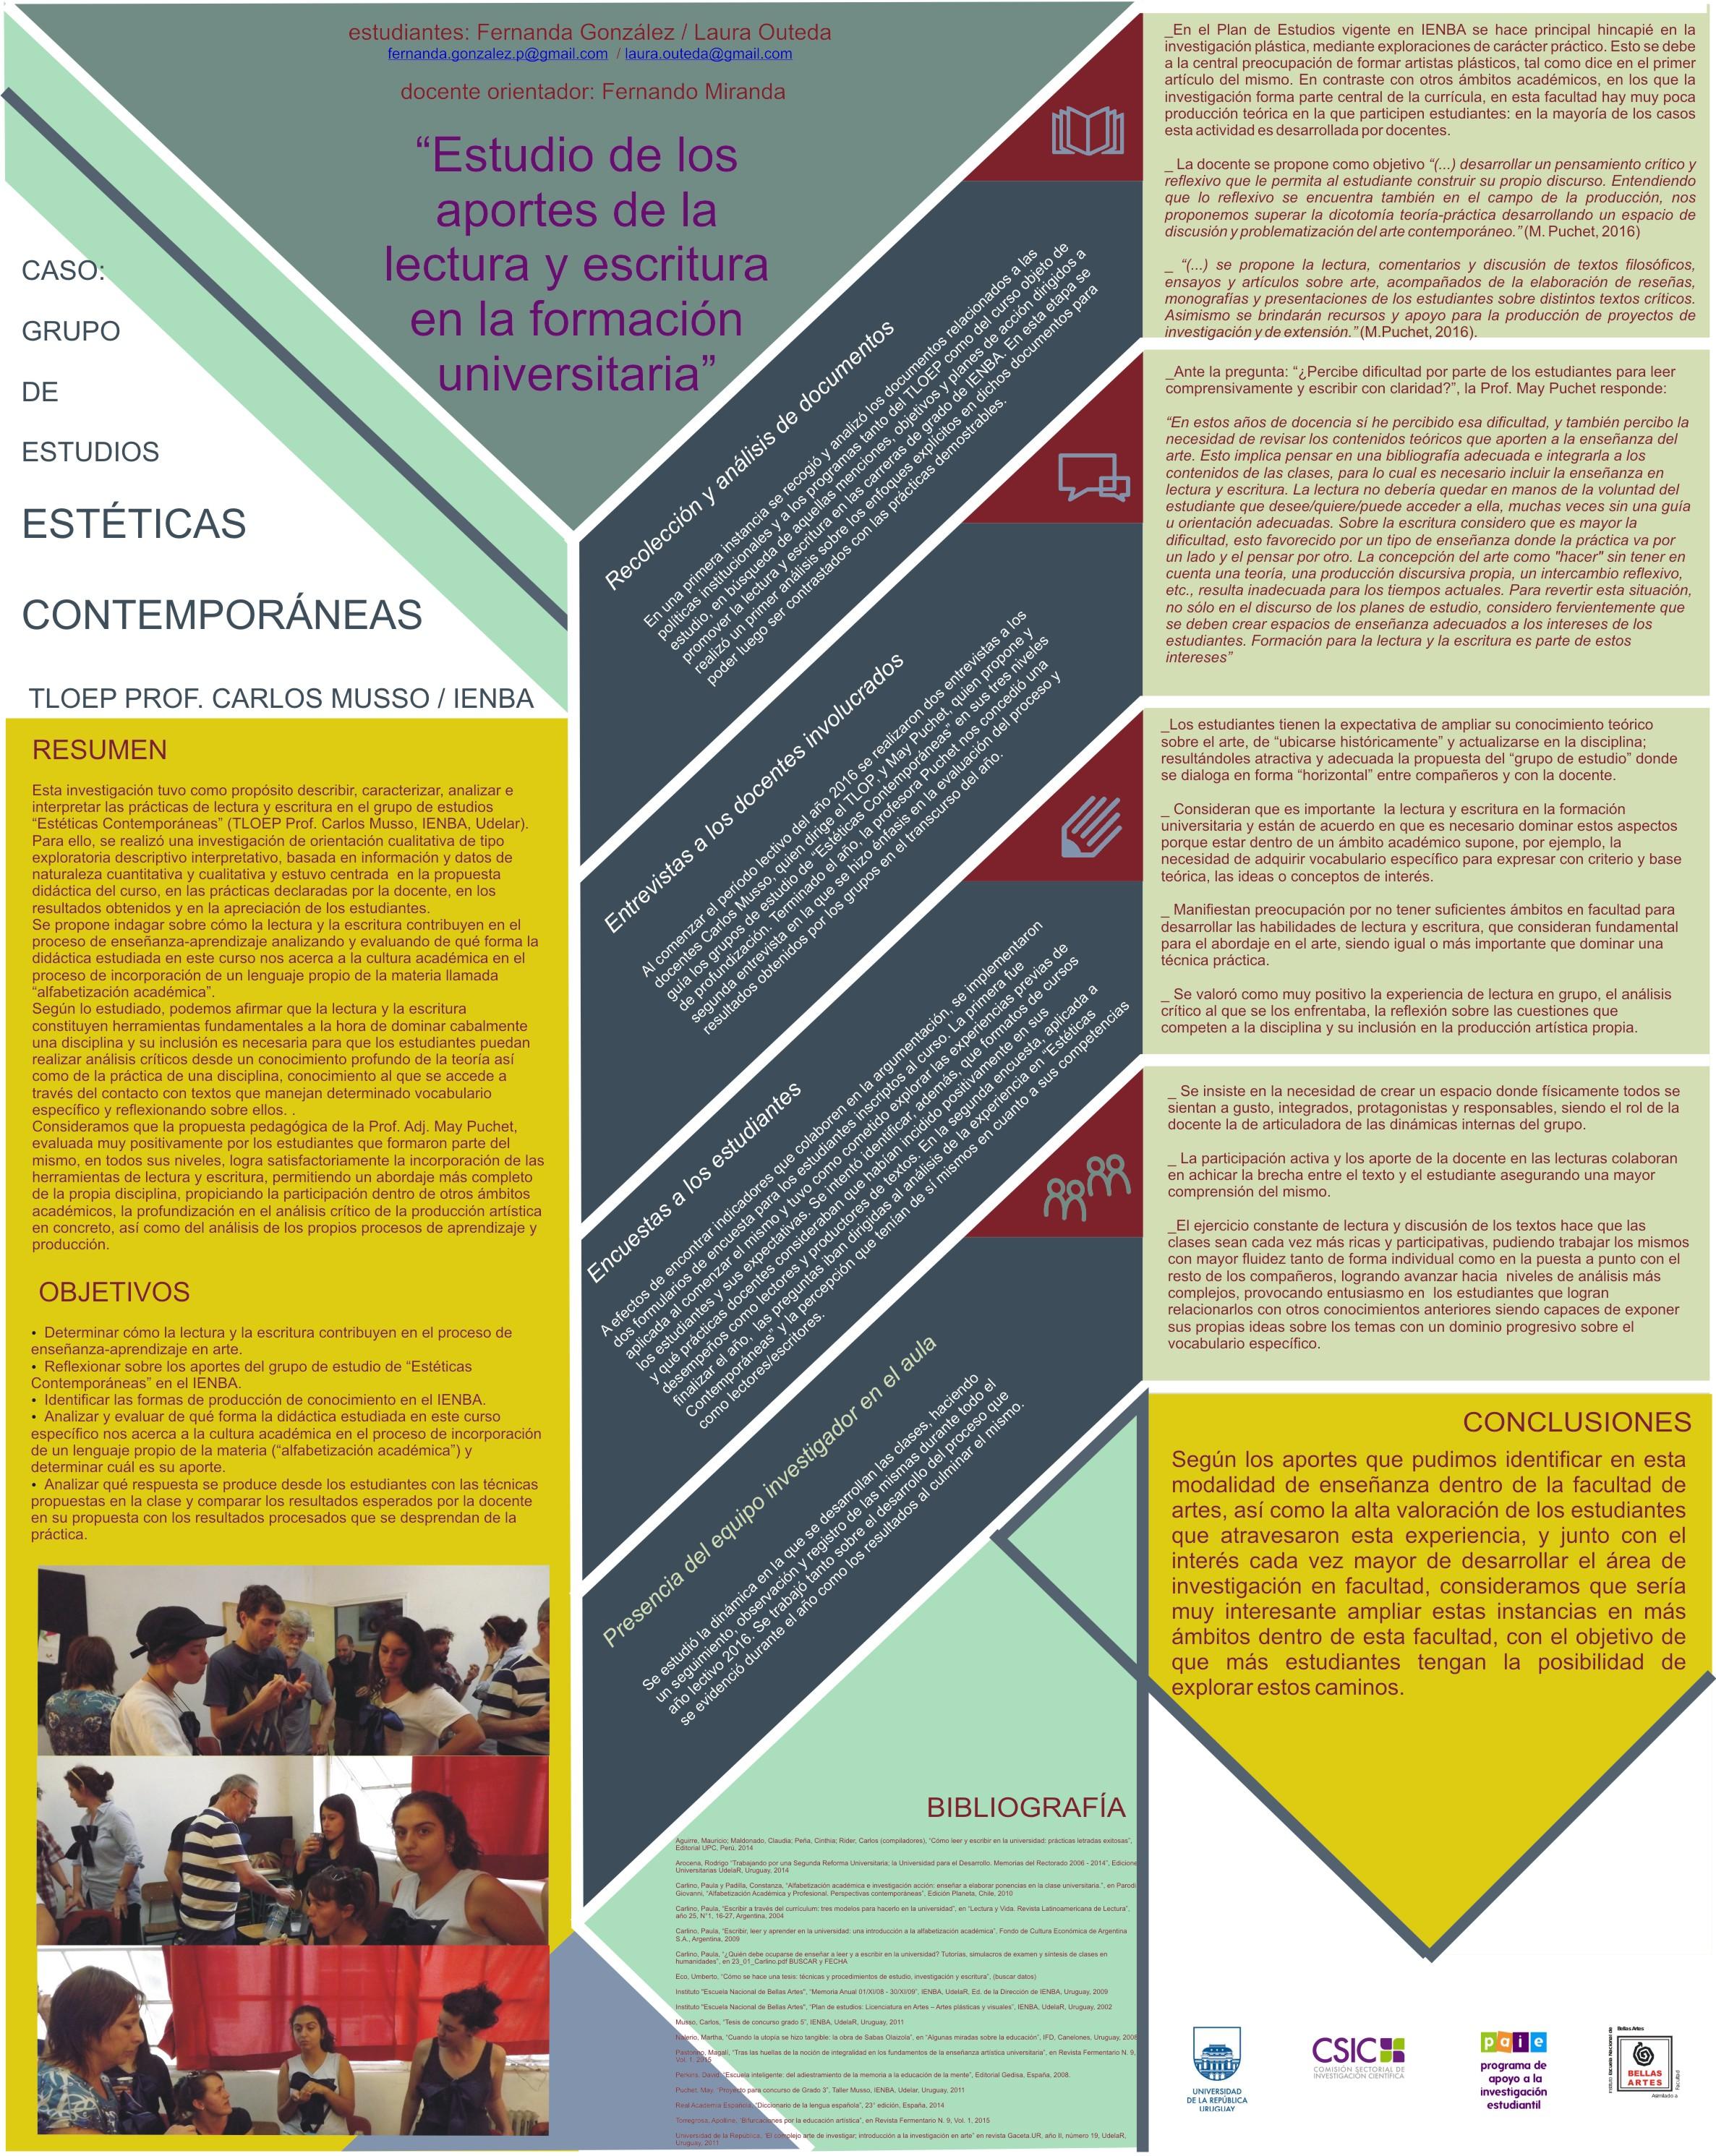 """[IENBA] Estudio de los aportes de la lectura y escritura en la formación universitaria a través del análisis del curso """"Estéticas Contemporáneas"""" del Instituto 'Escuela Nacional de Bellas Artes' de la Universidad de la República."""